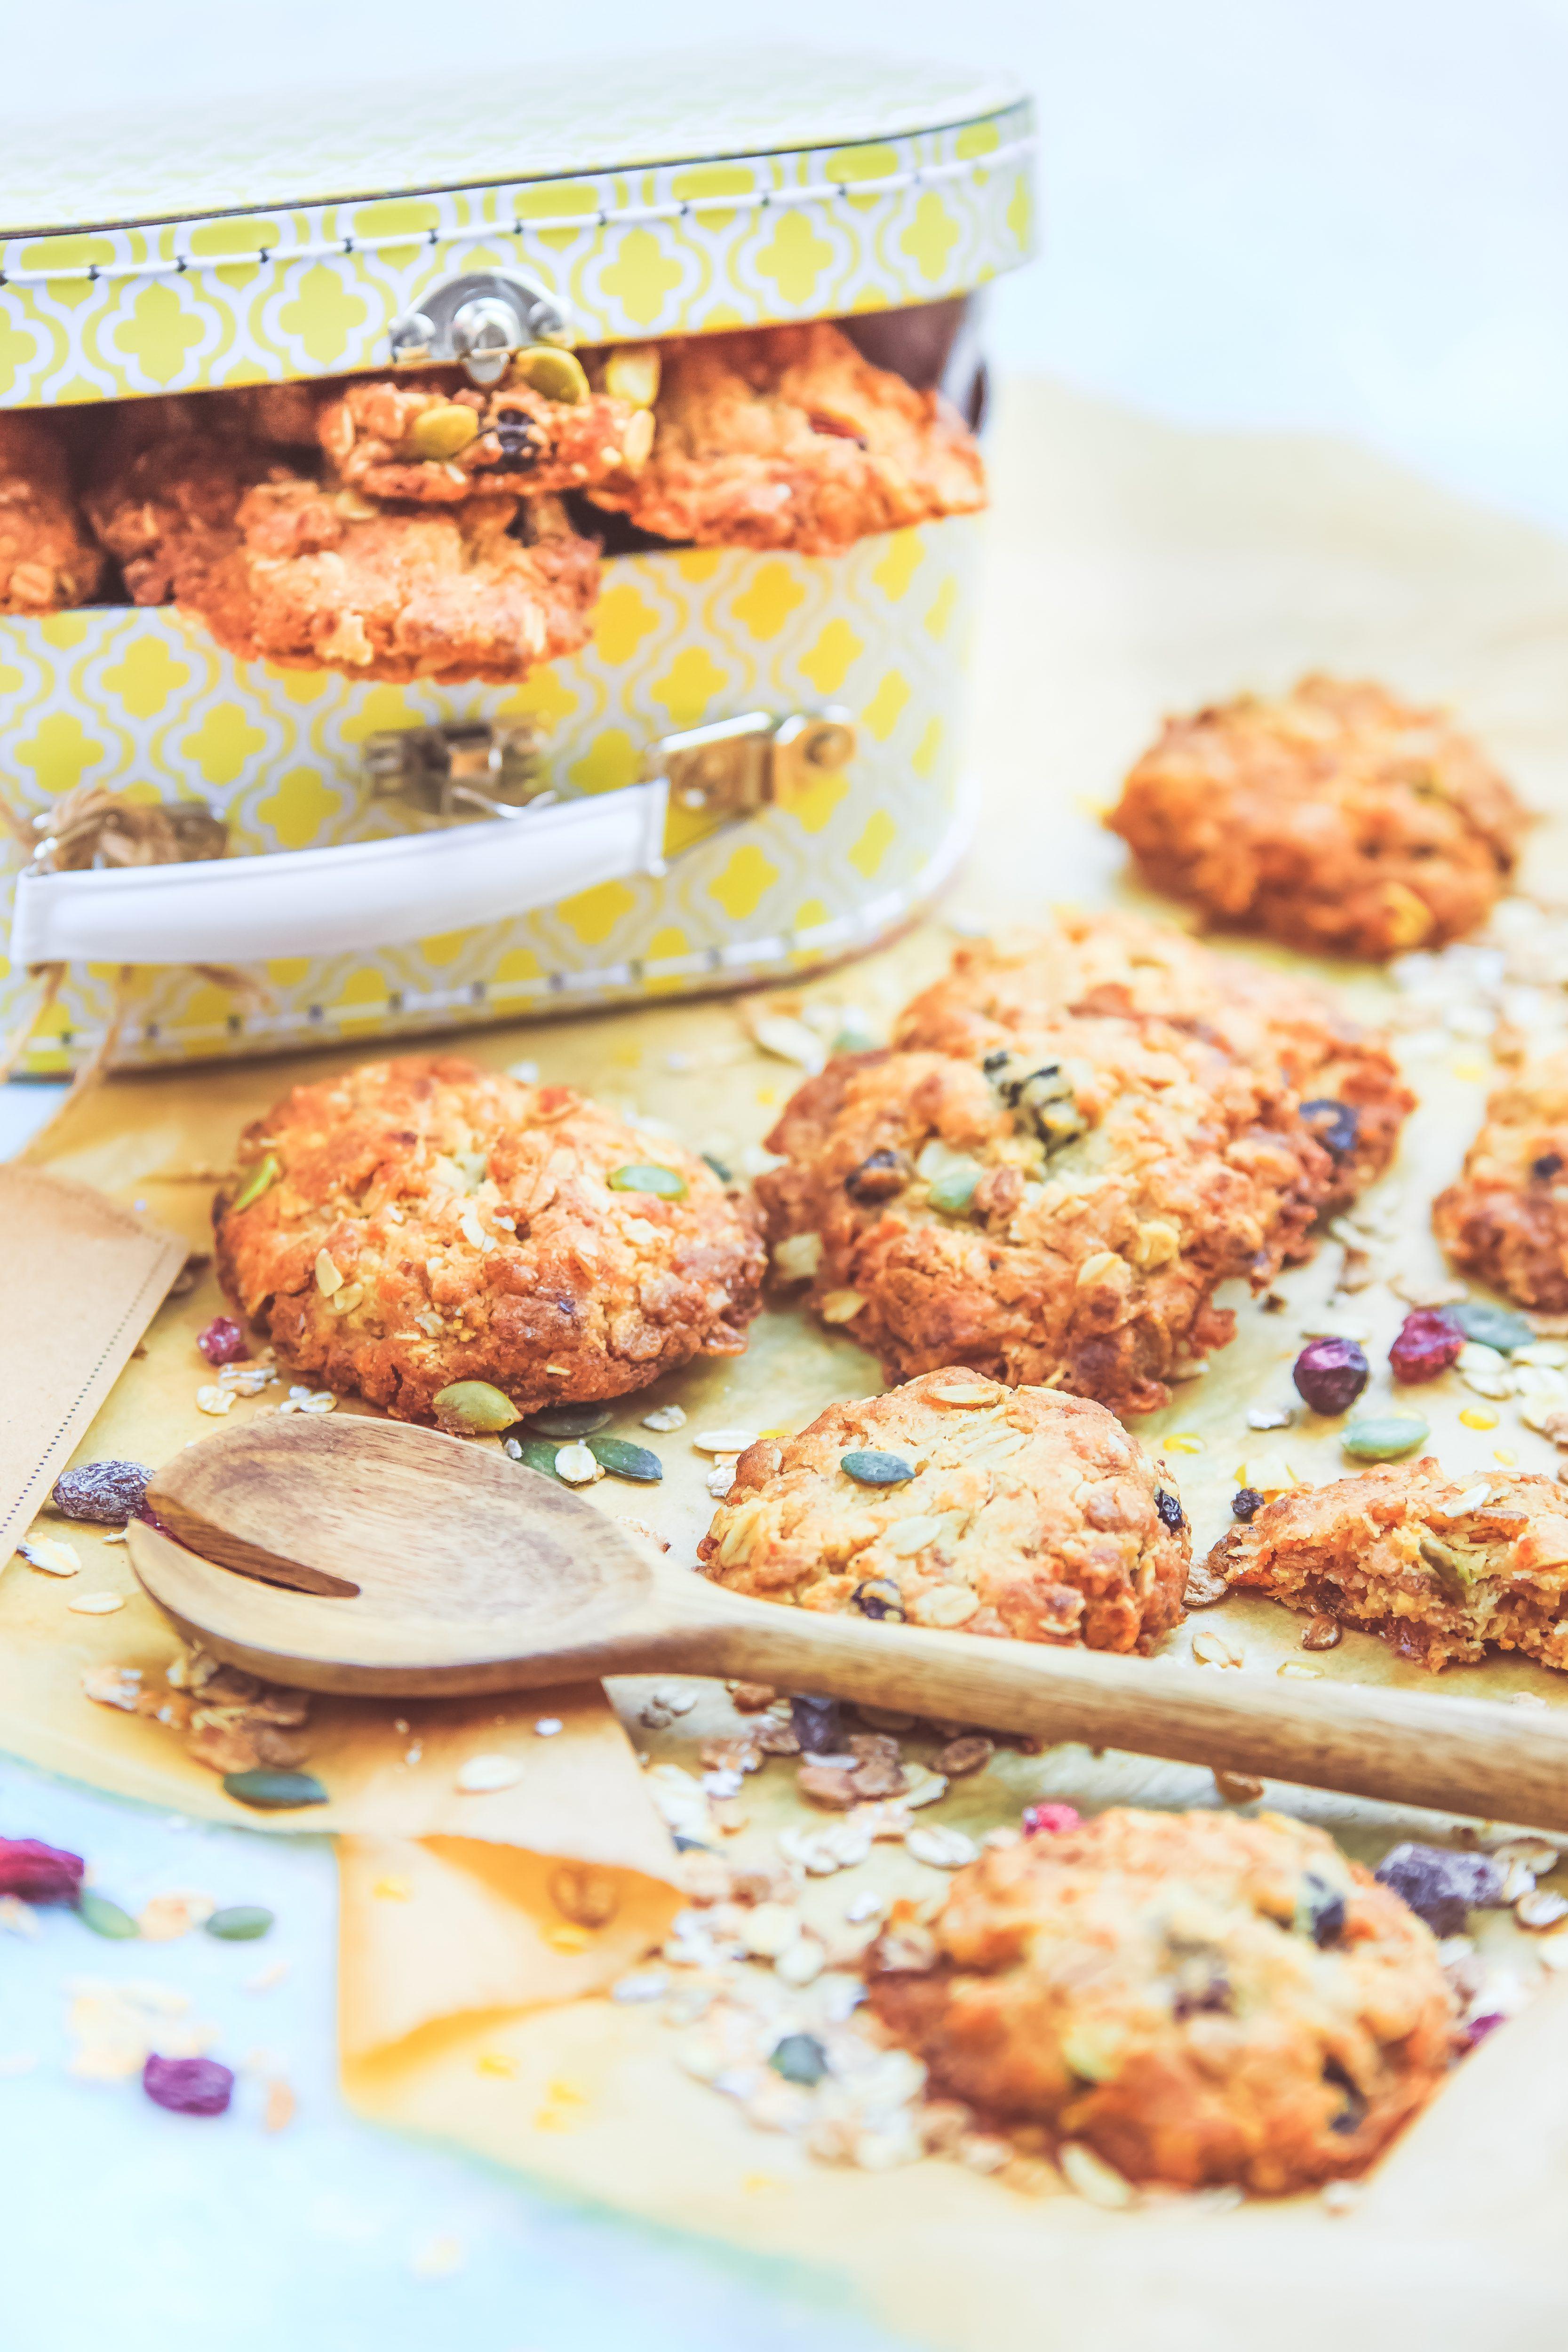 Recette facile Cookies croustillant au muesli et miel